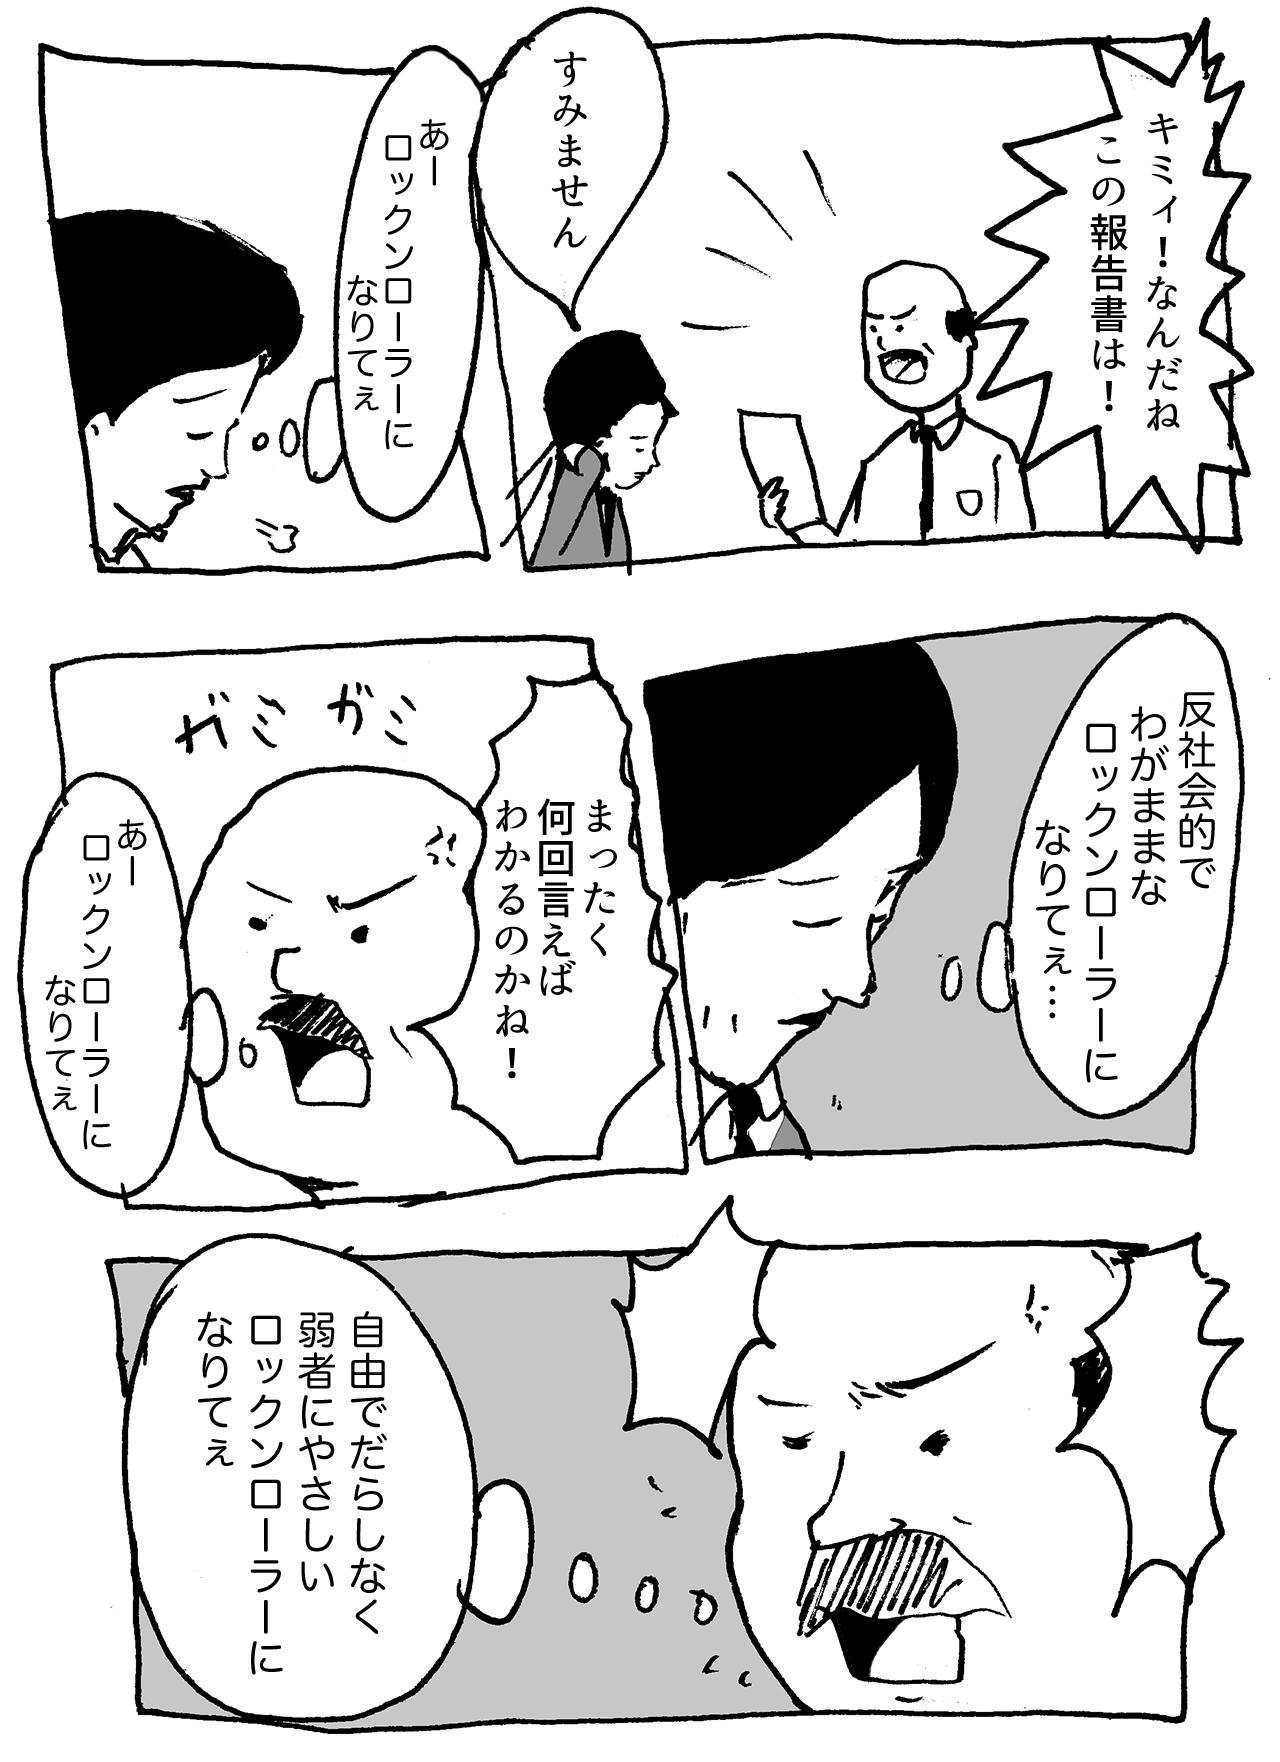 ロックンローラー